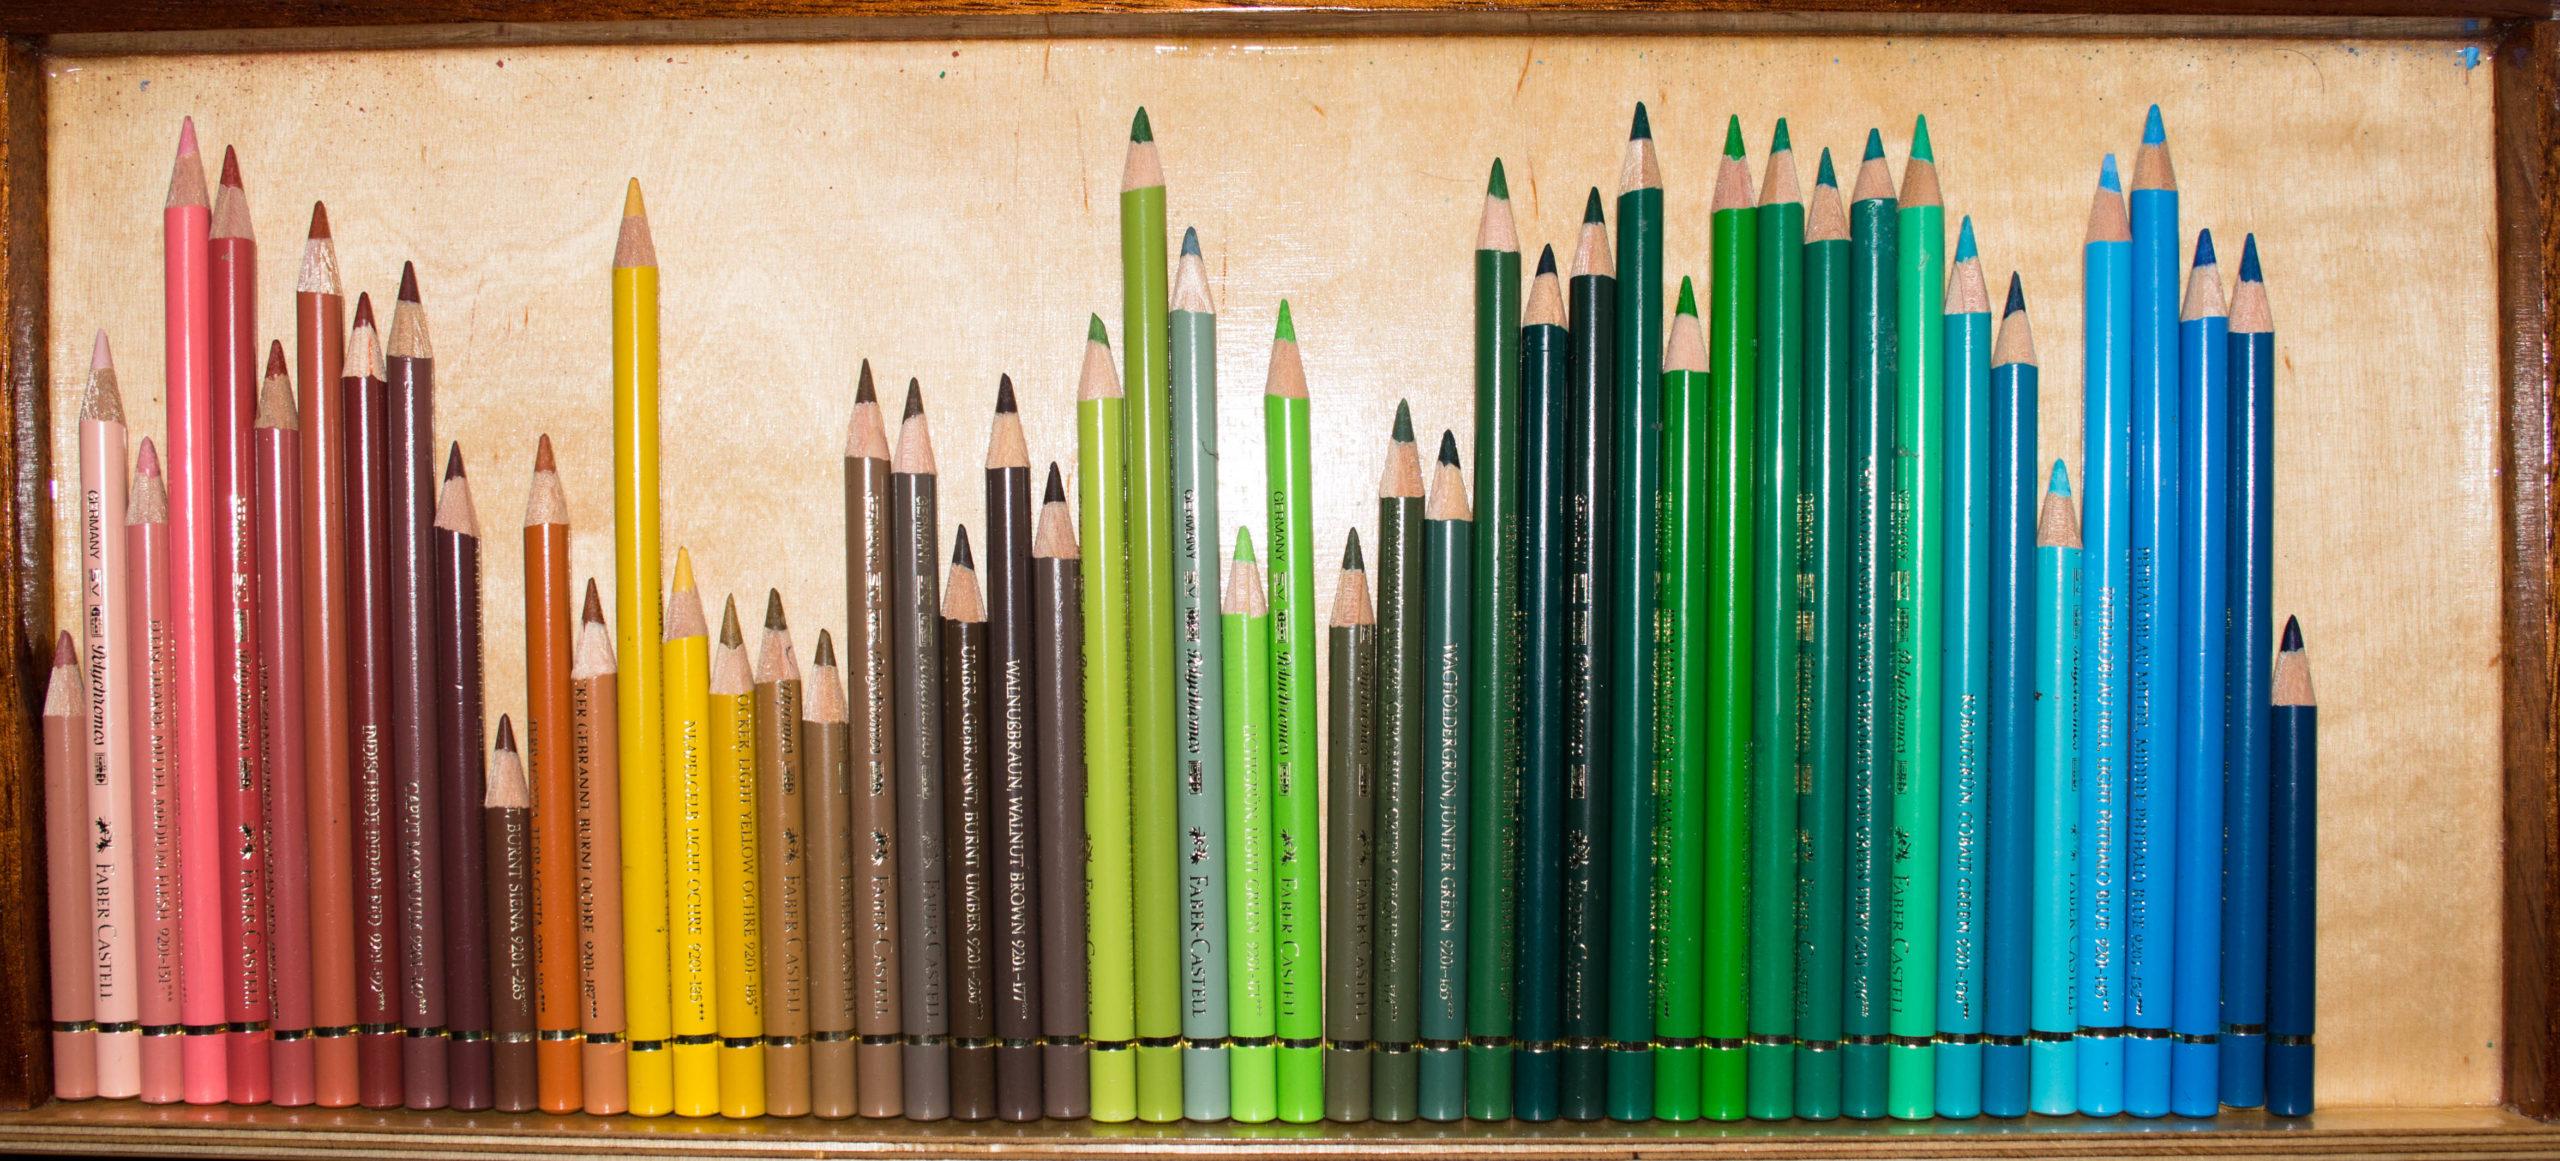 Die Materialien für das Zeichnen mit Buntstiften